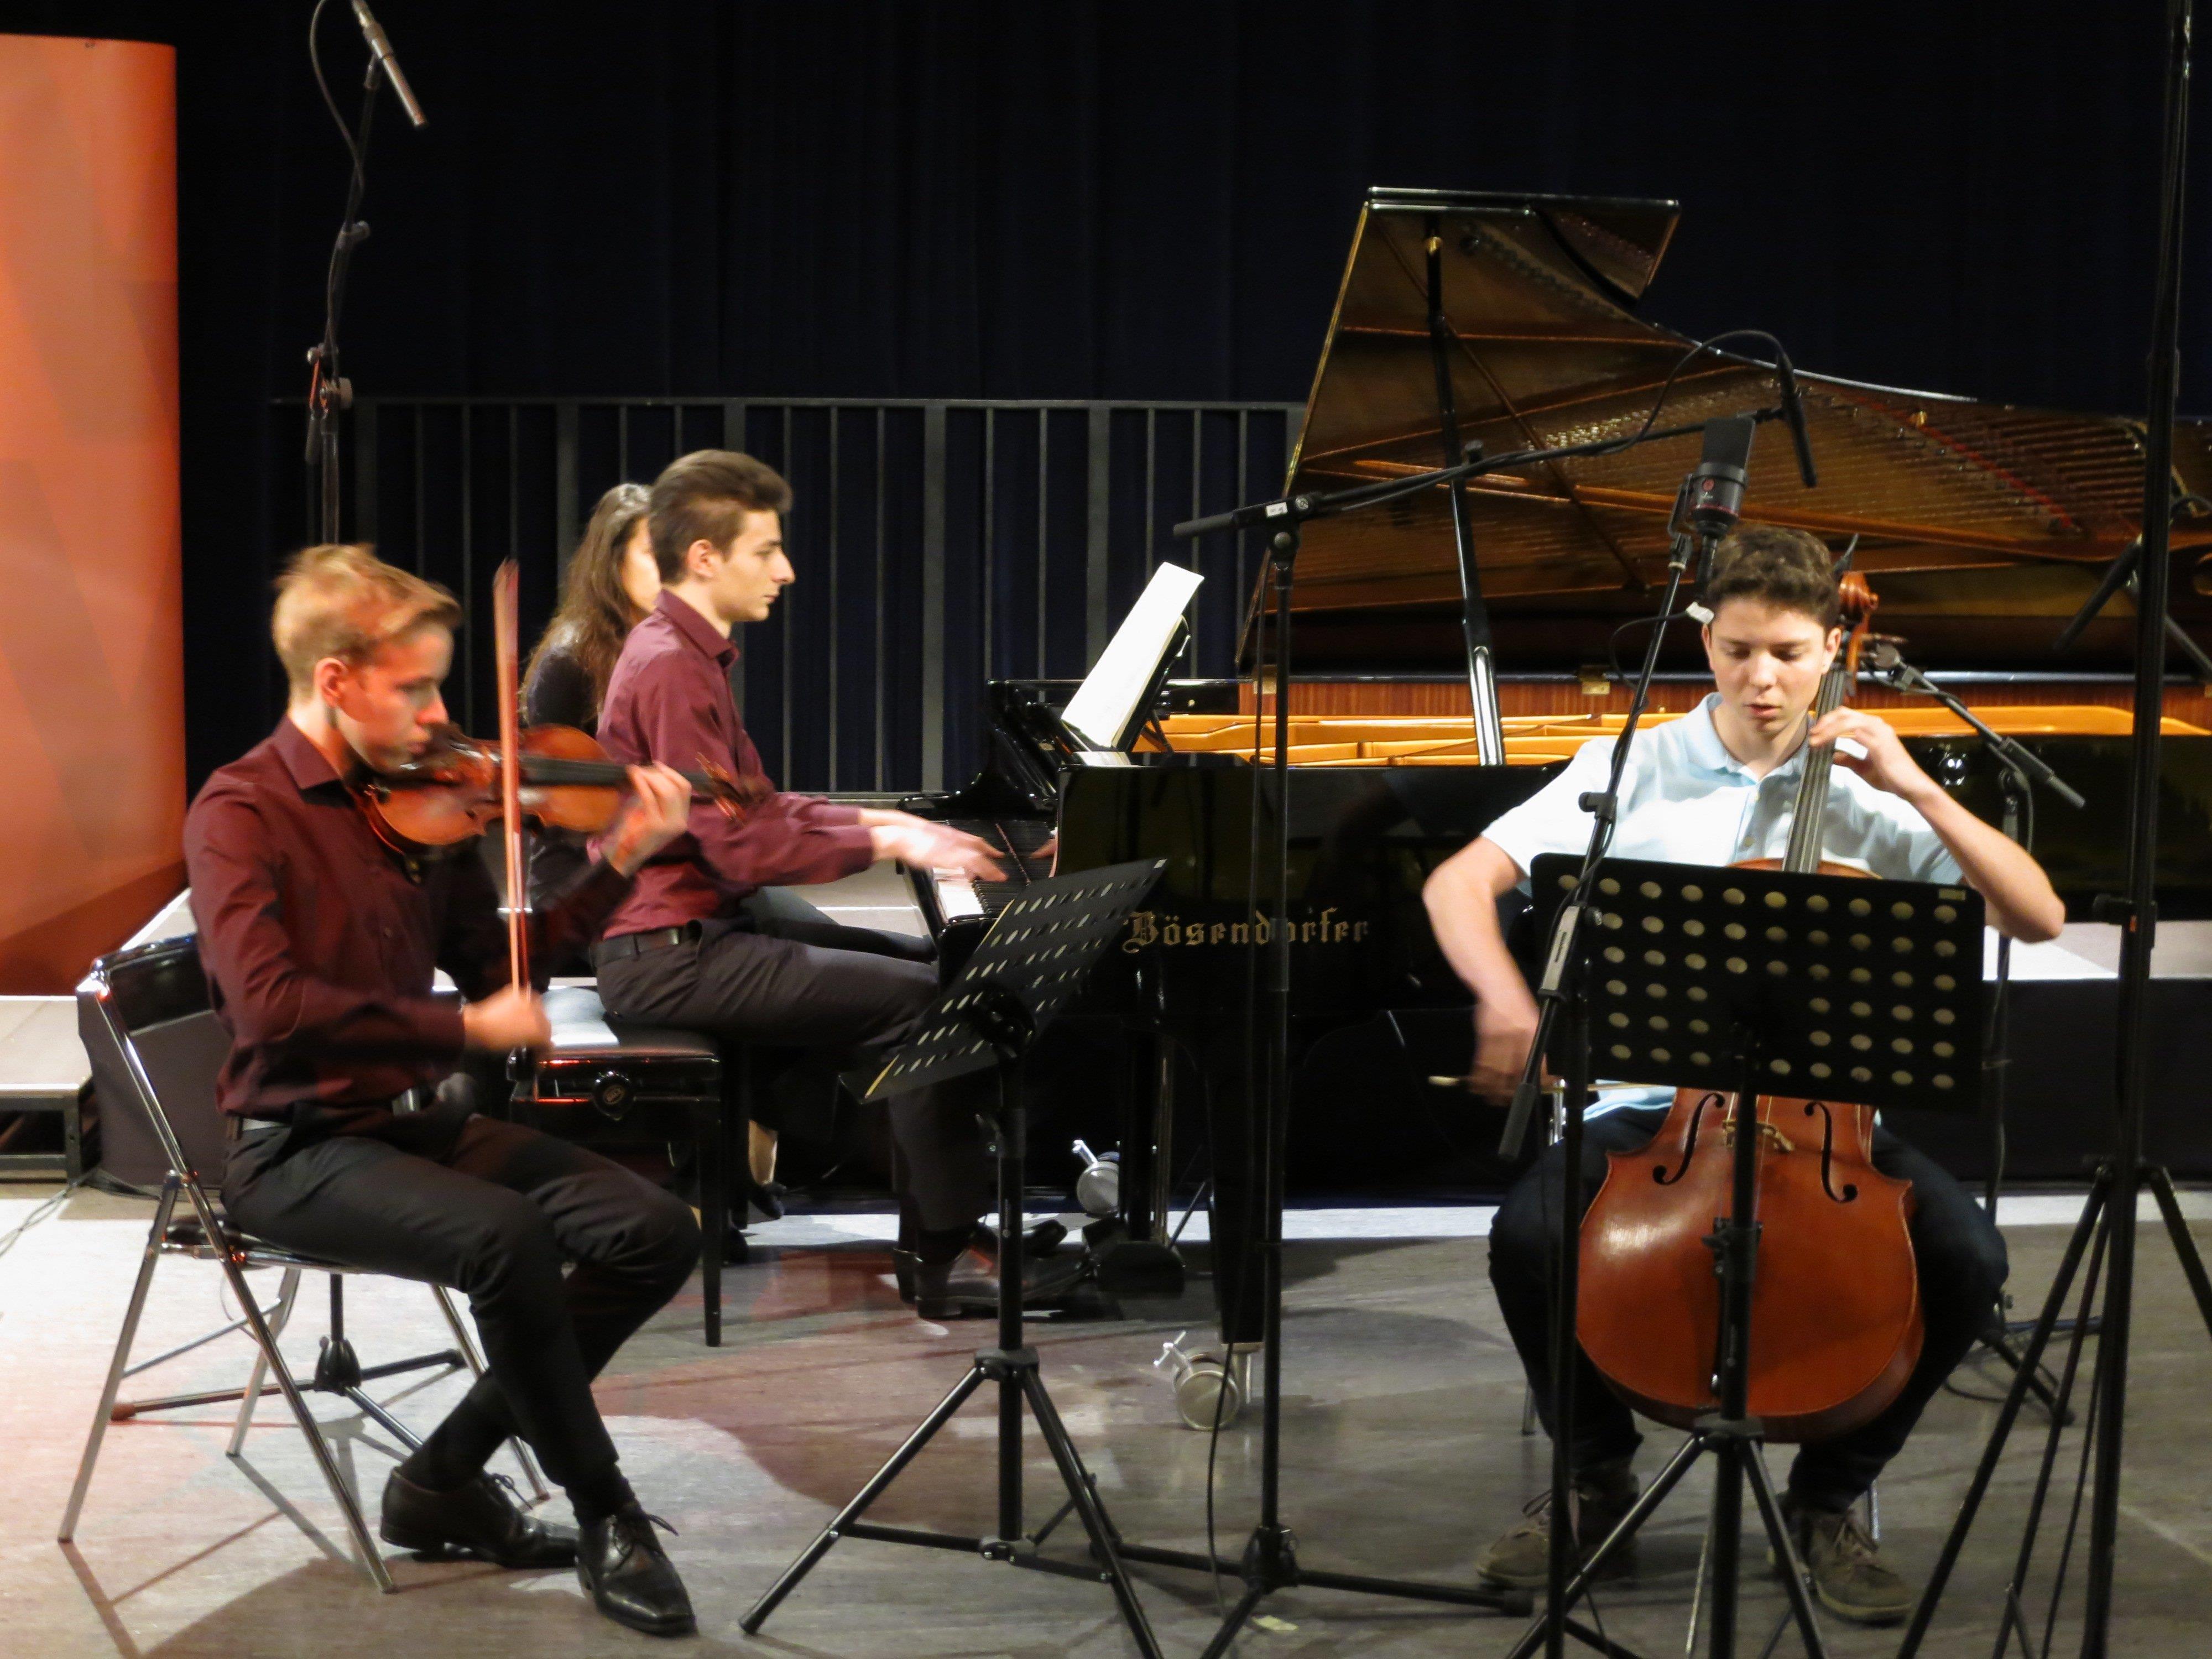 Nach dem erfolgreichen Konzert im ORF geht es für die prima la musica-Musikanten Ende Mai zum Bundeswettbewerb nach St. Pölten.